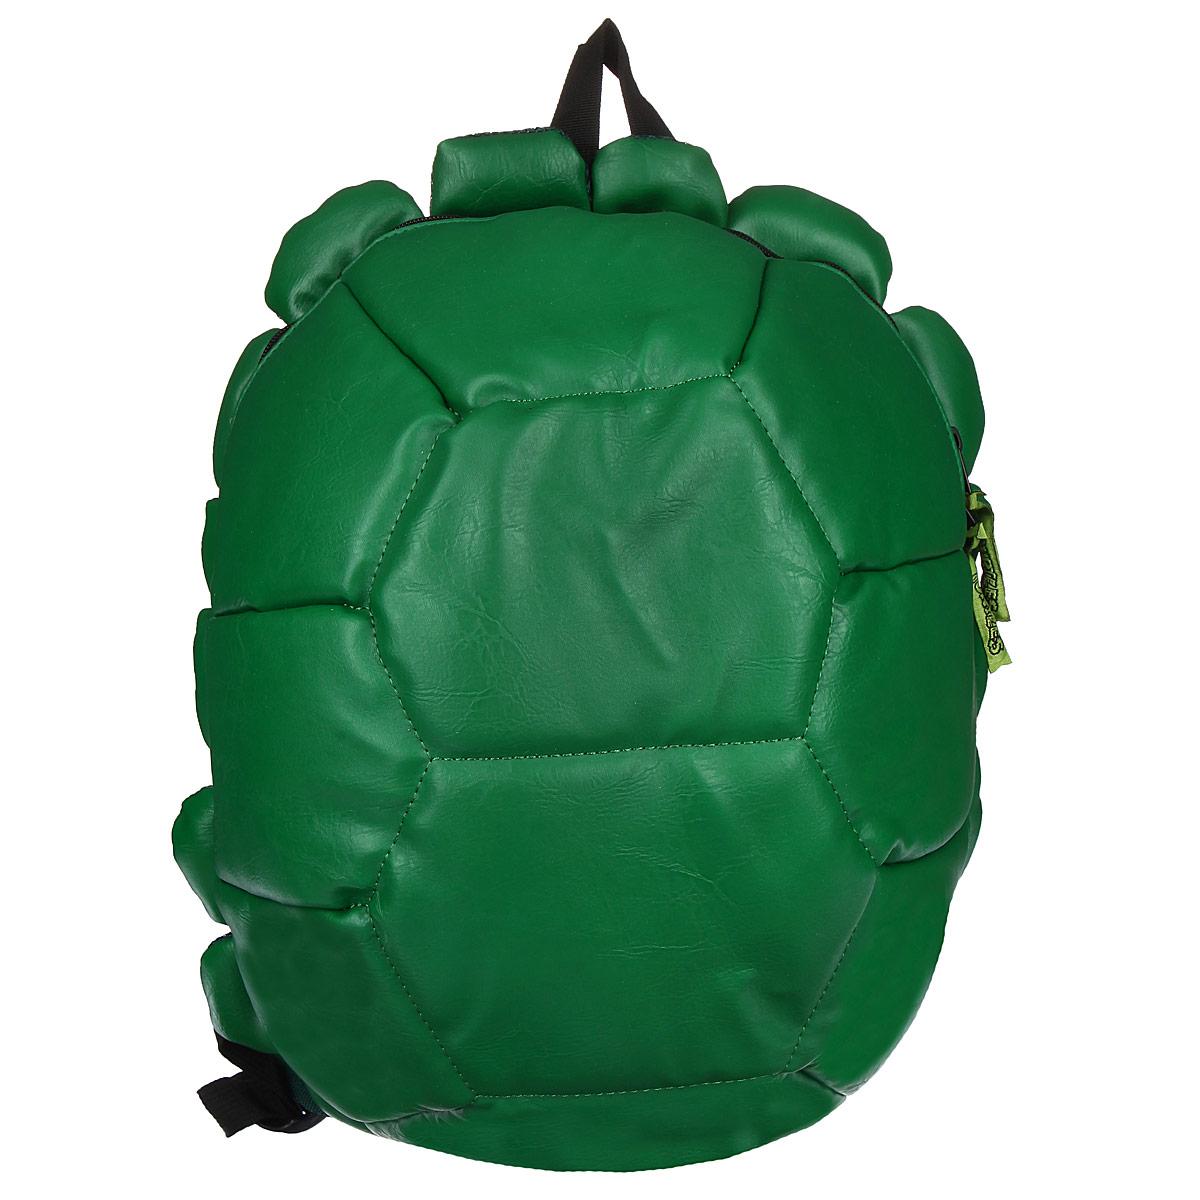 Рюкзак детский Teenage Mutant Ninja Turtles Черепашки Ниндзя, цвет: зеленый72523WDРюкзак детский Teenage Mutant Ninja Turtles Черепашки Ниндзя непременно привлечет внимание вашего ребенка. Выполнен рюкзак из прочных материалов, зеленого цвета в виде панциря черепашки. В комплекте к рюкзаку прилагаются 4 повязки для глаз, чтобы быть похожими на героев мультфильма.Содержит одно вместительное отделение, закрывающееся на застежку-молнию с двумя бегунками. Внутри отделения находятся: три открытых кармана, три отделения для пишущих принадлежностей и кармашек на липучке для мобильного телефона.Конструкция спинки дополнена противоскользящей сеточкой и системой вентиляции для предотвращения запотевания спины ребенка. Широкие лямки позволяют легко и быстро отрегулировать рюкзак в соответствии с ростом. Рюкзак оснащен текстильной ручкой для переноски в руке. Ребенку обязательно понравится этот стильный аксессуар, который станет для него постоянным спутником.Рекомендуемый возраст: от 8 лет.